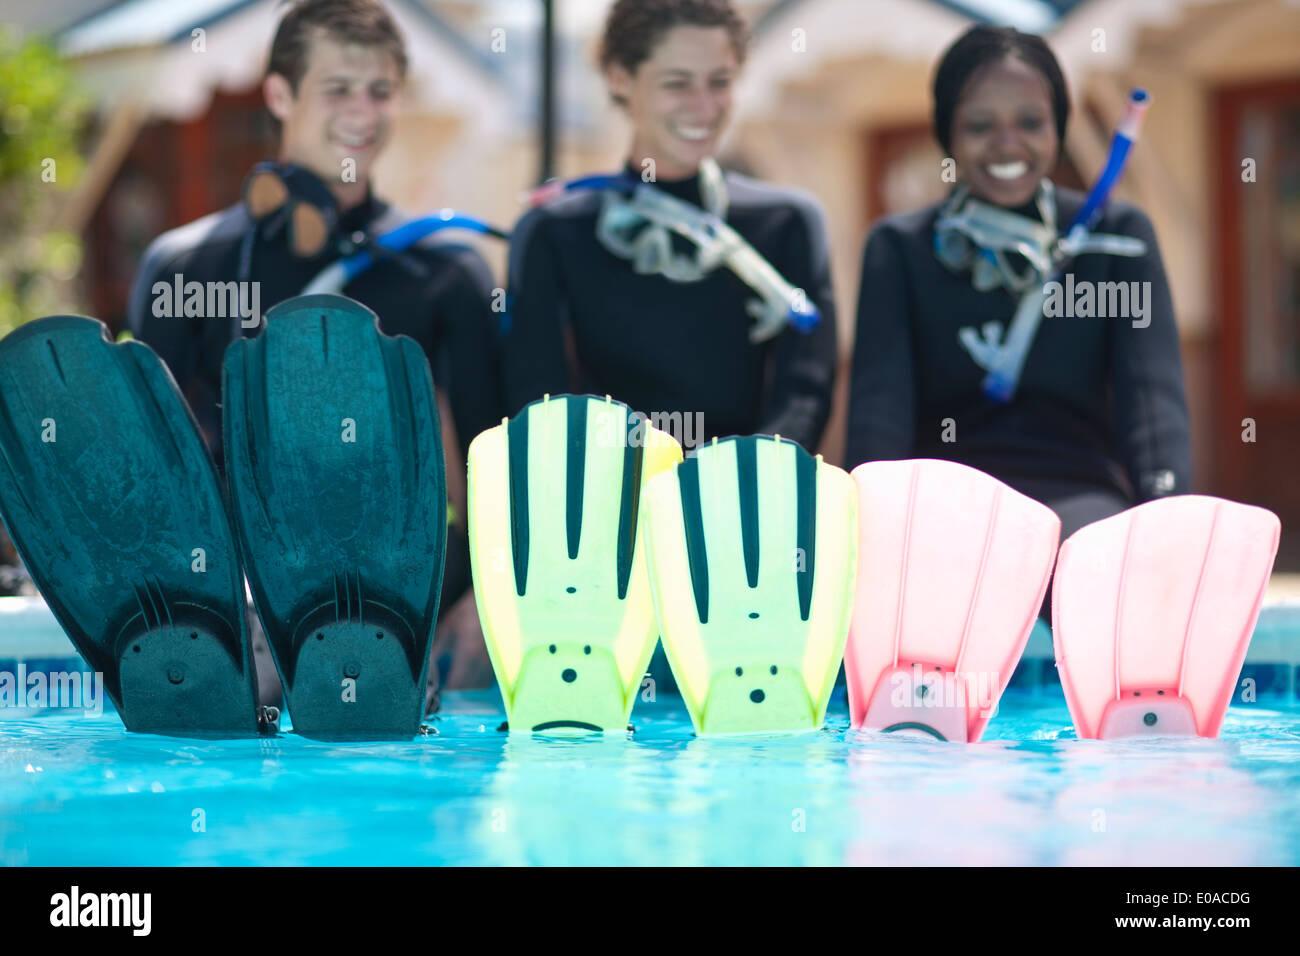 Portrait de trois jeunes plongeurs adultes et ses nageoires Photo Stock